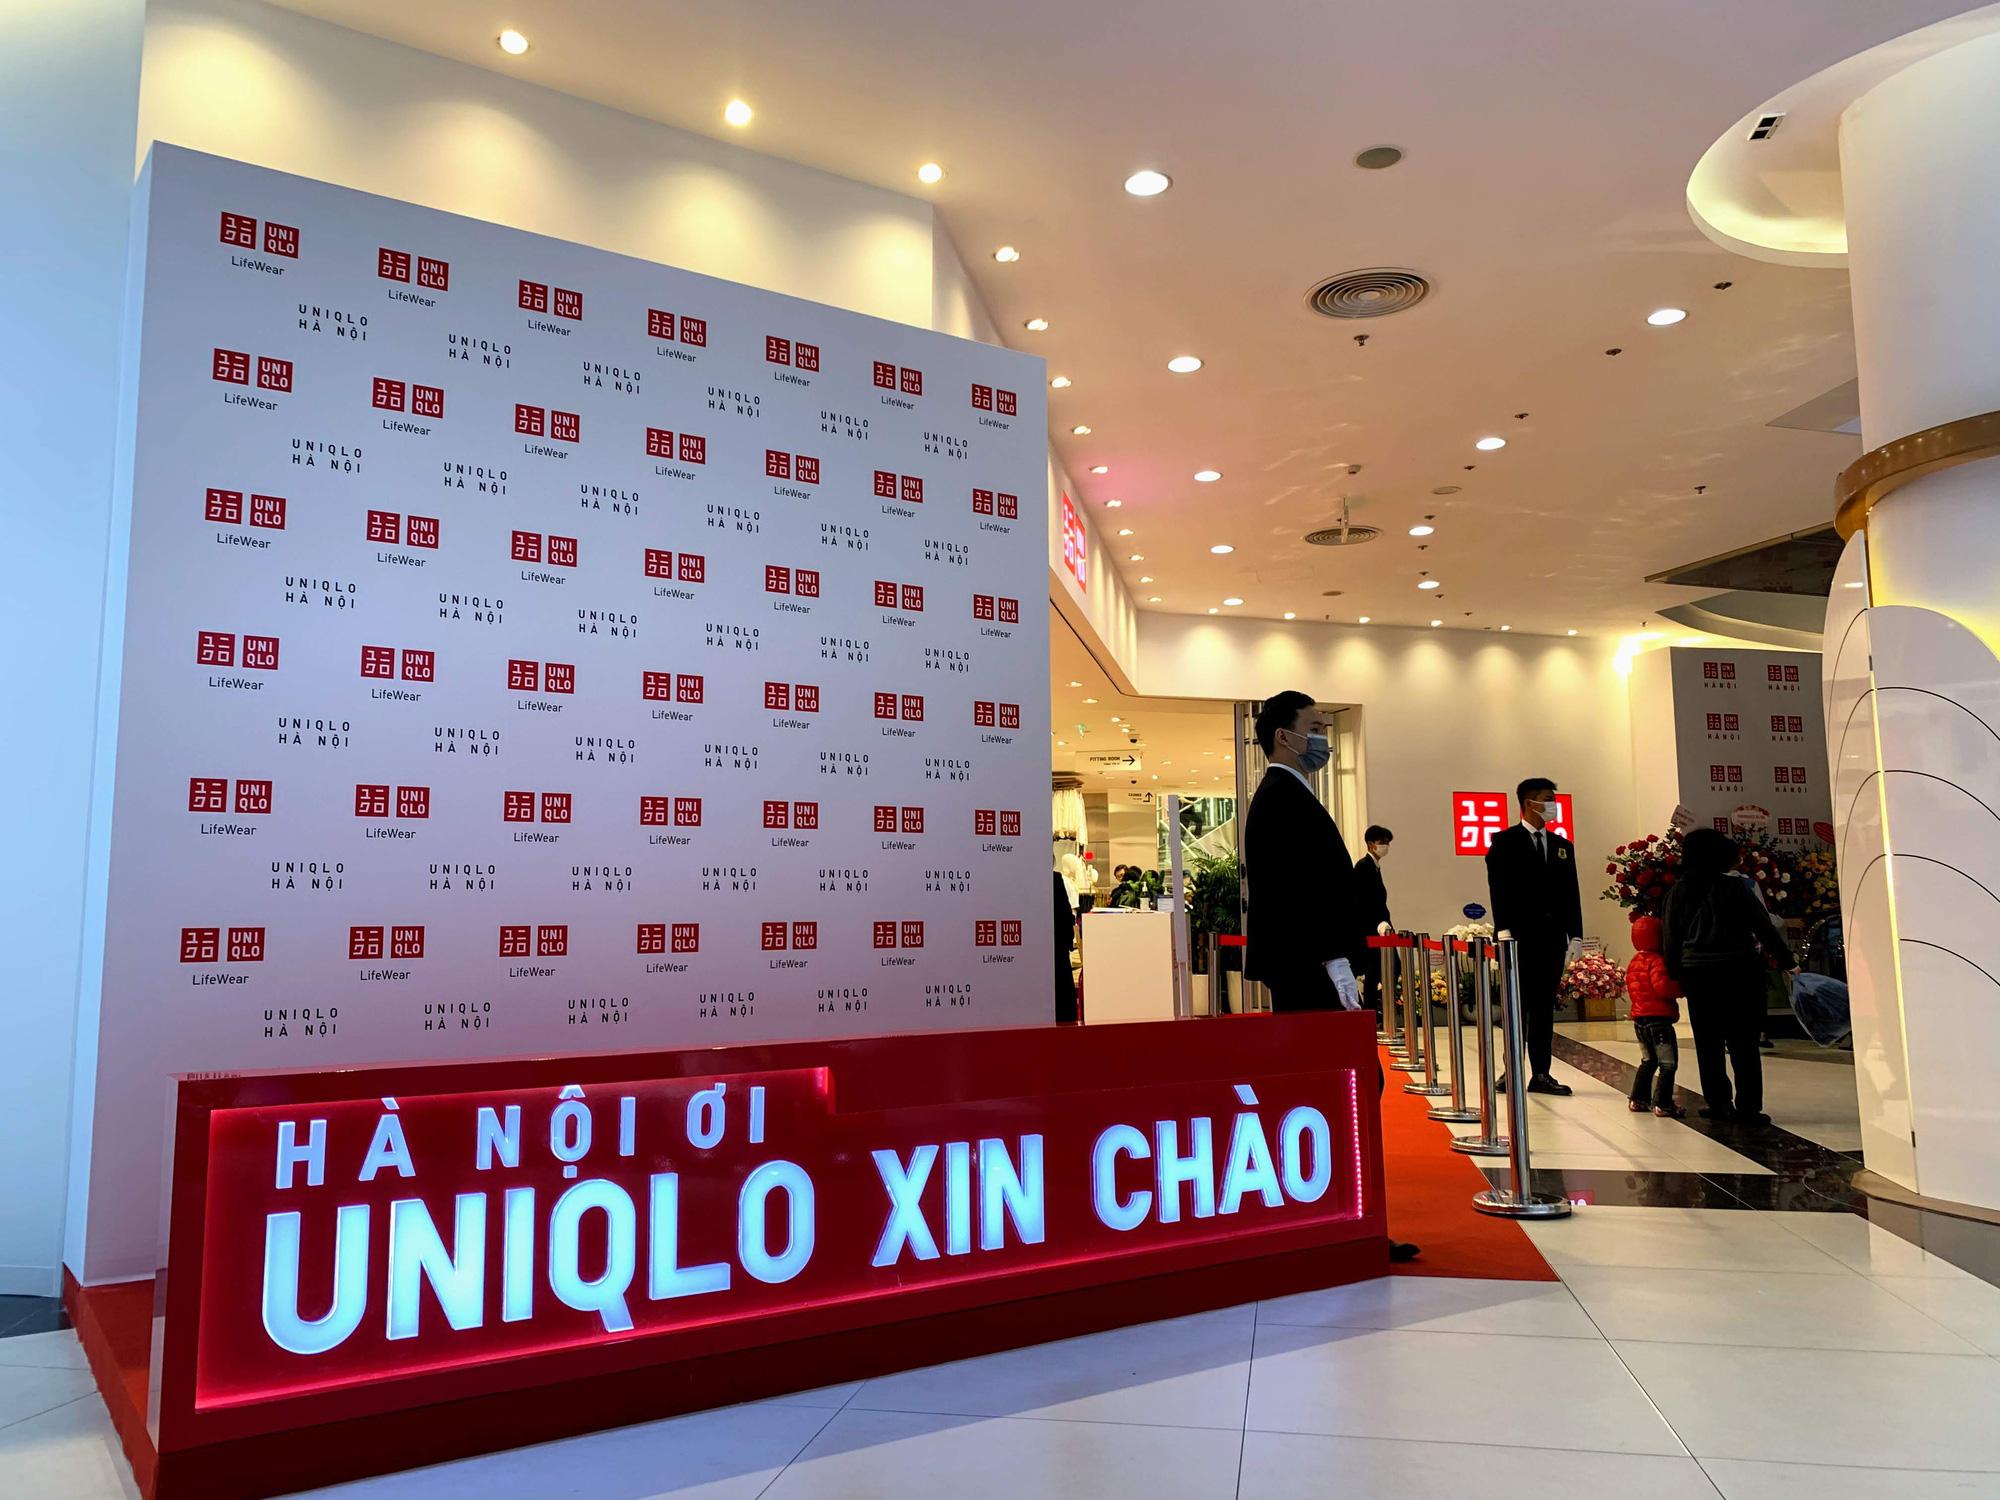 Bên trong cửa hàng Uniqlo lớn nhất Đông Nam Á ở Hà Nội có gì? - Ảnh 4.